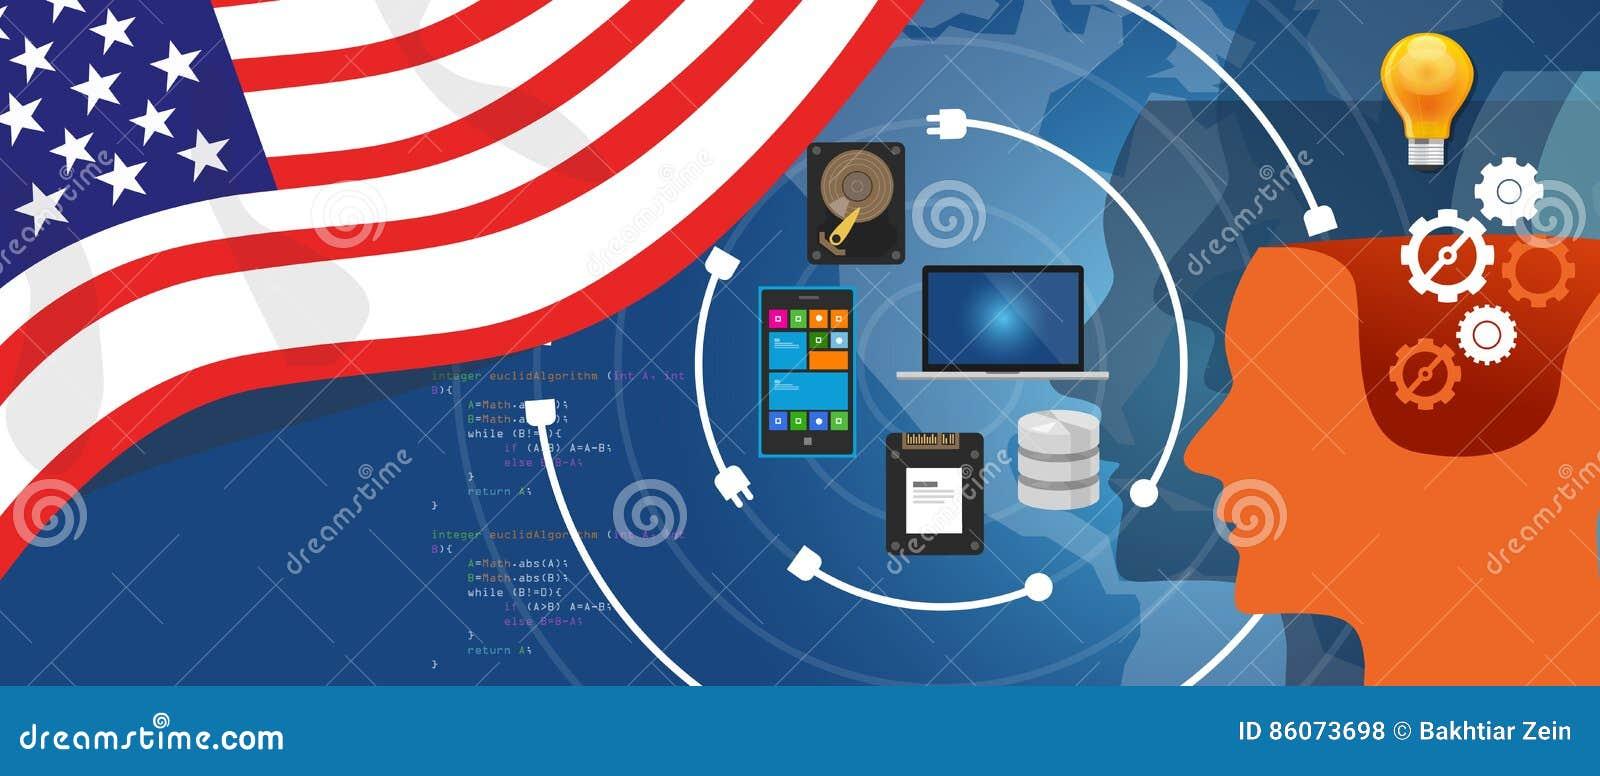 Dados comerciais de conexão da infraestrutura digital da tecnologia da informação dos EUA América a TI através do Internet